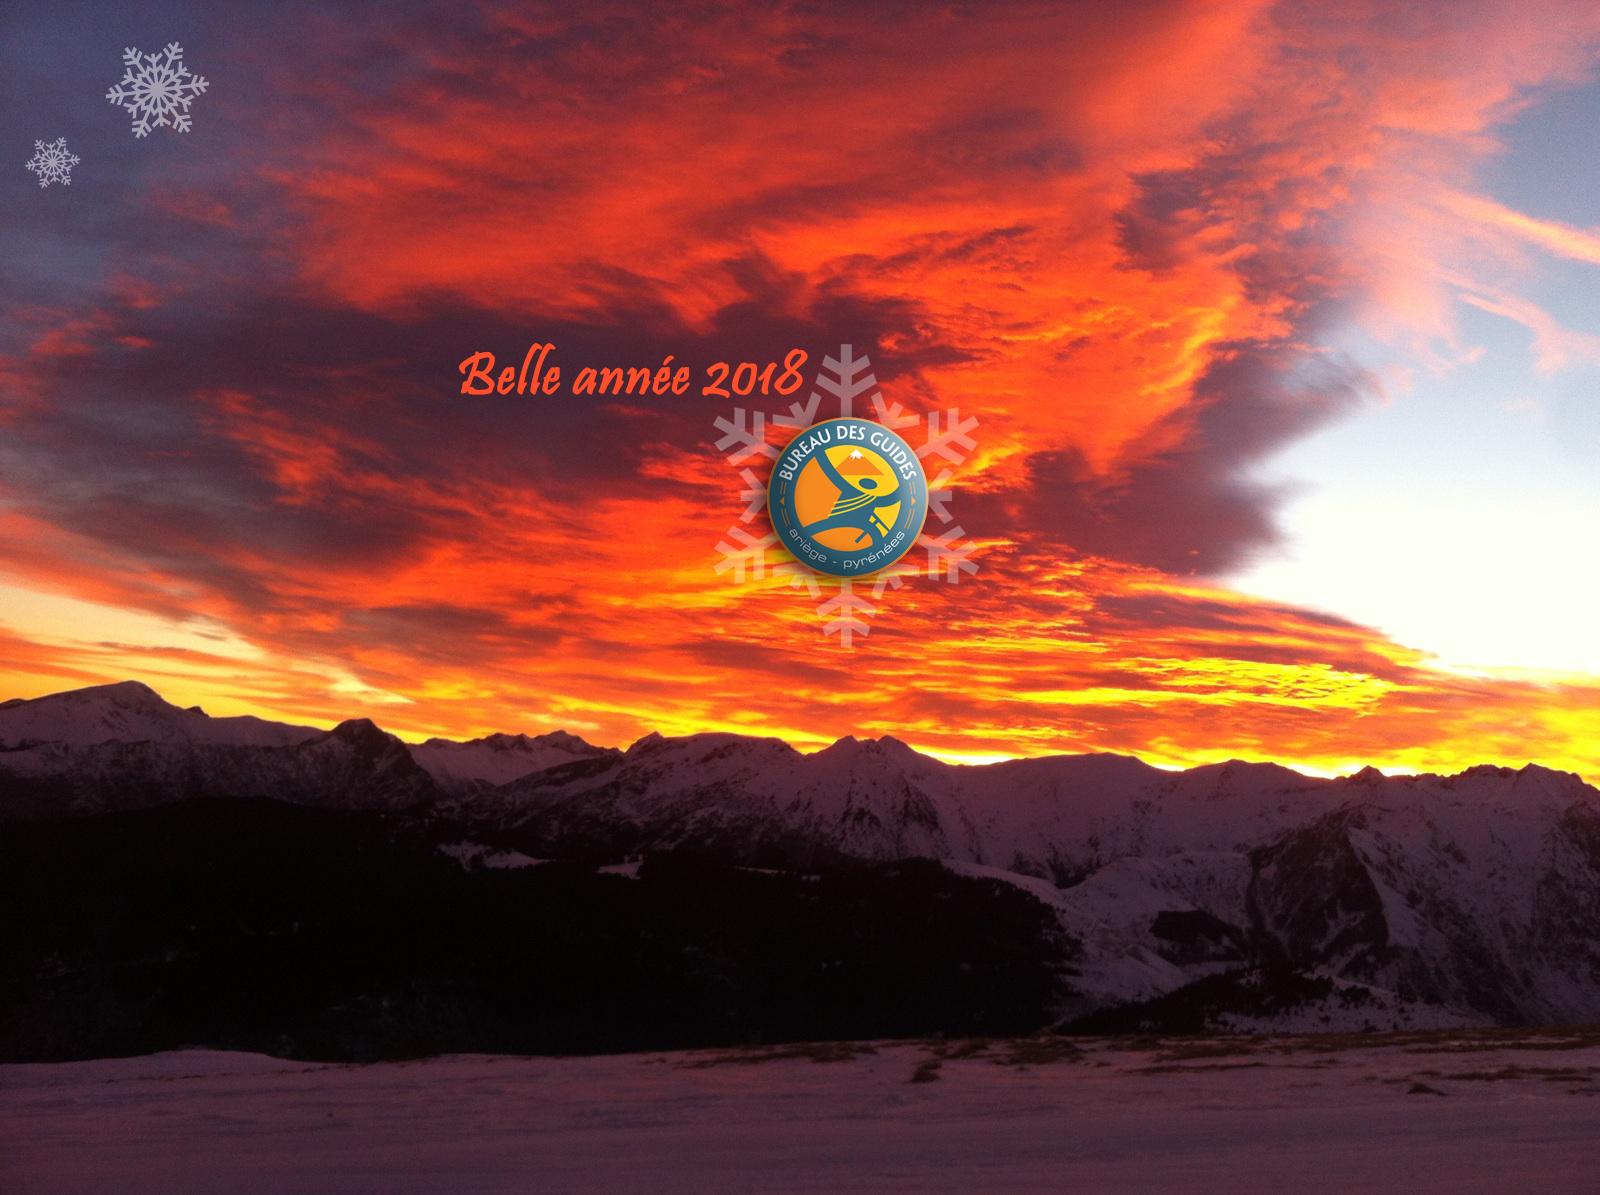 Carte de voeux 2018 - Bureau des Guides Ariège Pyrénées